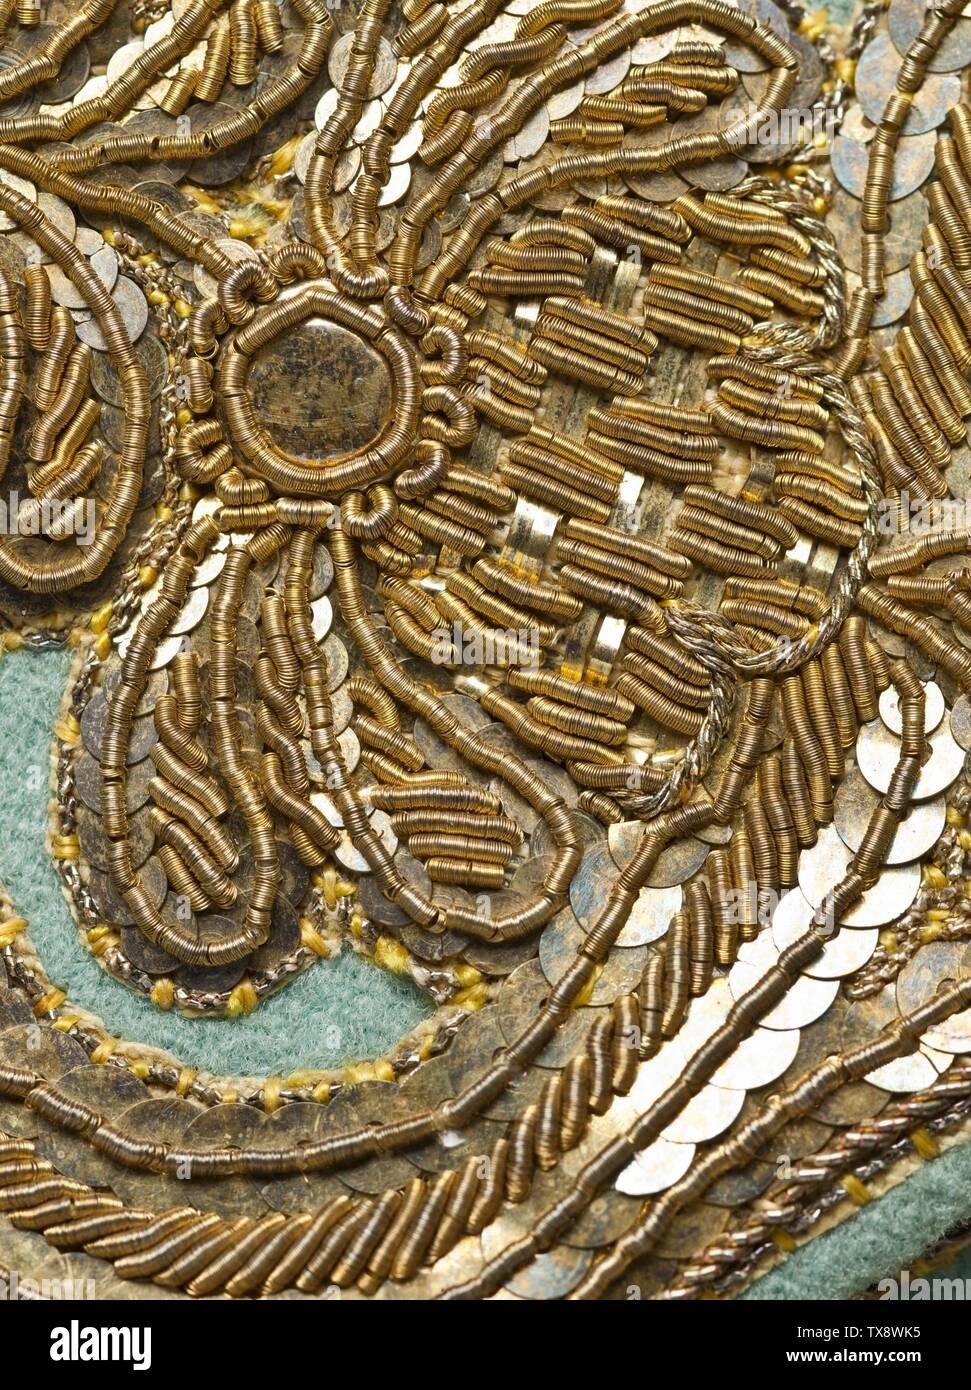 Costume de l'homme (image 6 de 11); France, vers 1760 costumes; tenue principale (corps entier) manteau et gilet: Laine unie tissée, finition complète, avec séquelles et appliques brodées à fils métalliques; culottes: Laine unie tissée, finition complète, soie et fil métallique passementerie A) longueur du dos de manteau: 40 x 1/4 . (102.235 x ); b) longueur du gilet de costume au centre du dos: 29 3/4 x . (75,565 x ); c) Longueur d'entrejambe Des Sangsues : 18 1/4 po. (46,355 cm); c) Longueur latérale Des Sangsues : 25 po. (63,5 cm) Acheté avec des fonds fournis par Suzanne A. Saperstein et Michael et Ellen Michelson, avec du fu supplémentaire Banque D'Images